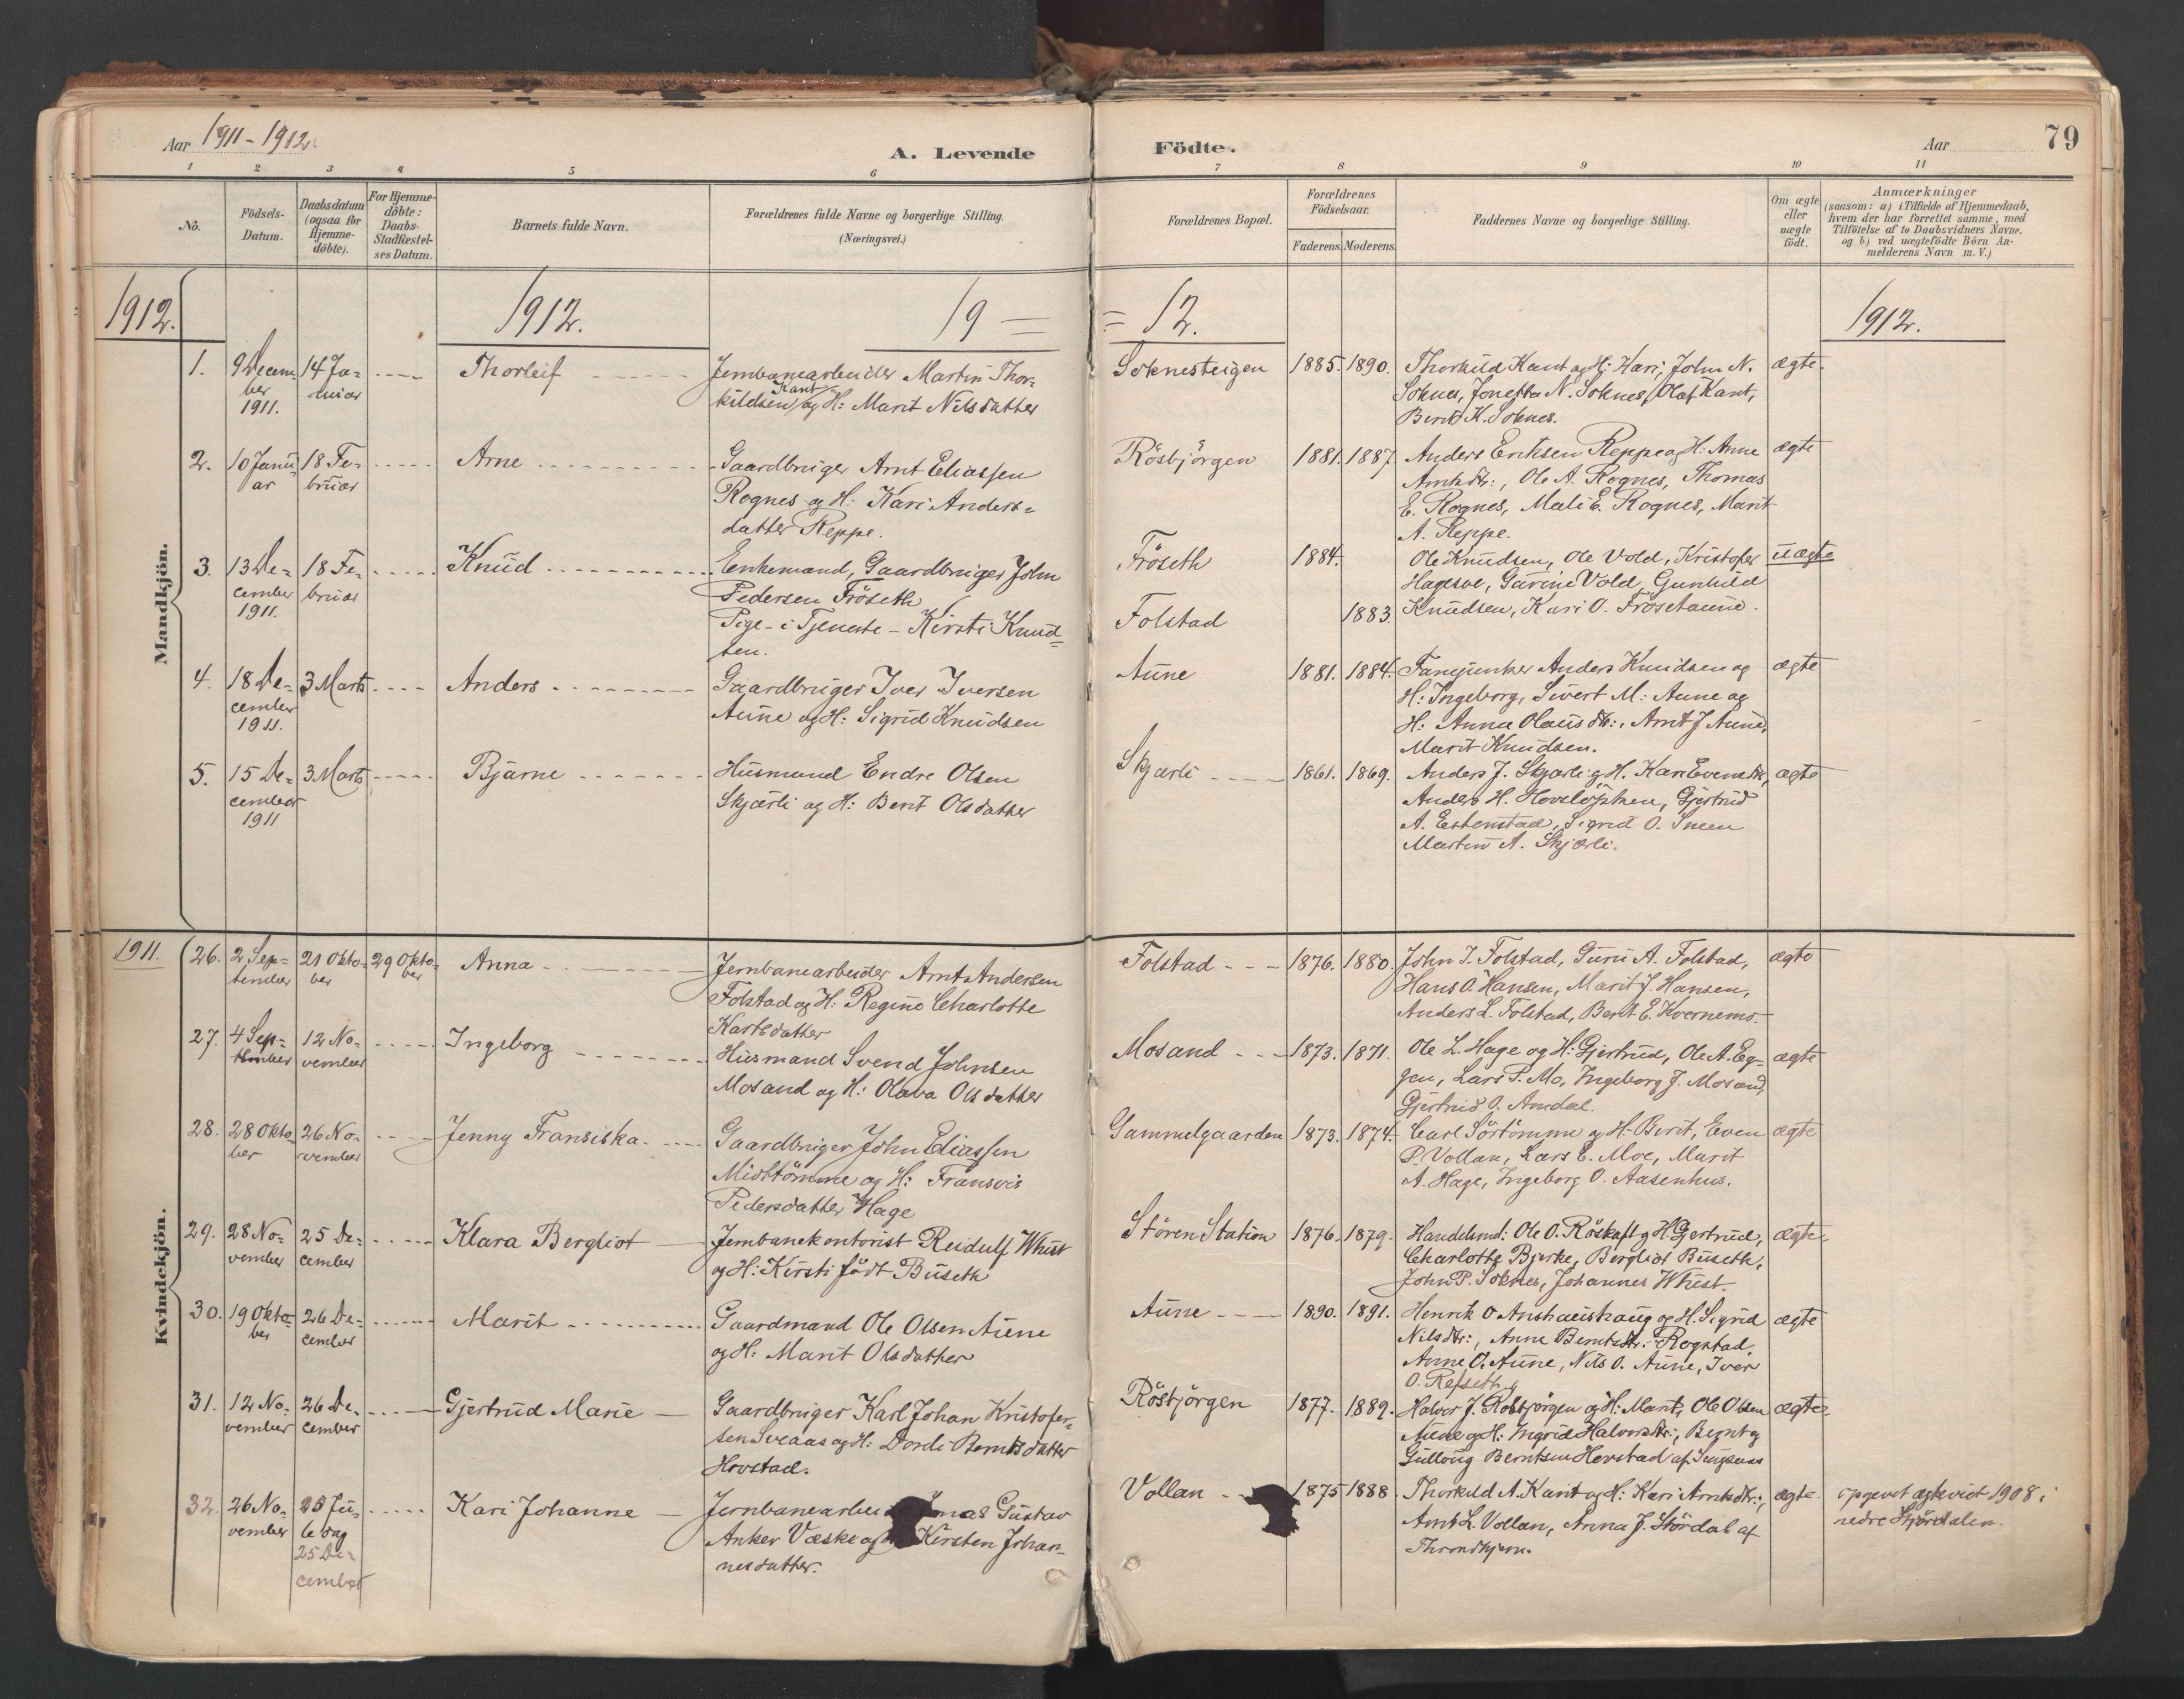 SAT, Ministerialprotokoller, klokkerbøker og fødselsregistre - Sør-Trøndelag, 687/L1004: Ministerialbok nr. 687A10, 1891-1923, s. 79